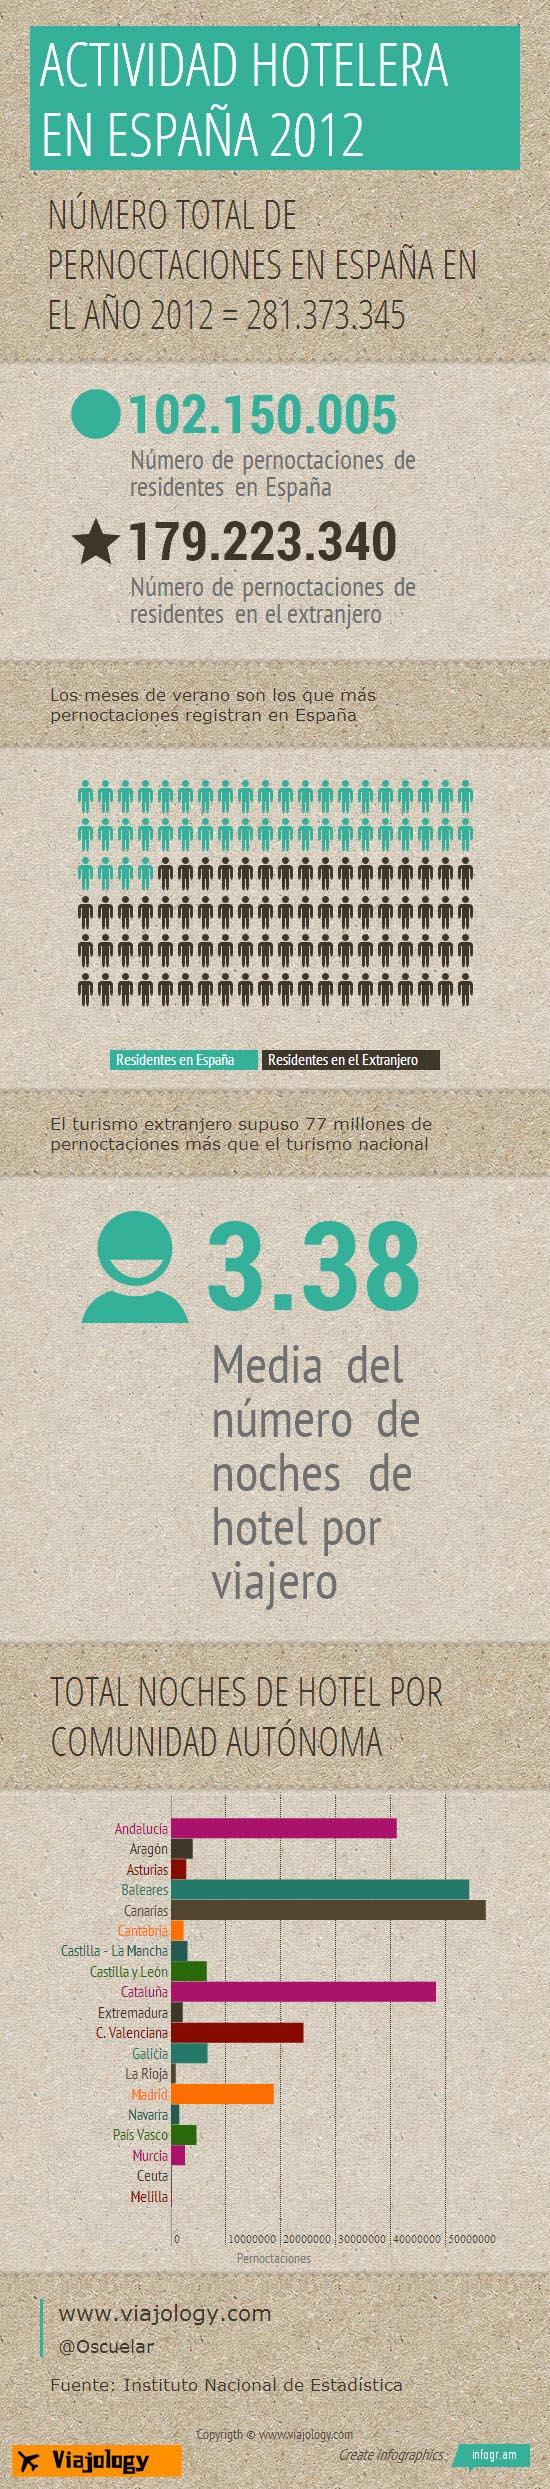 Infografia Actividad hotelera en España en 2012